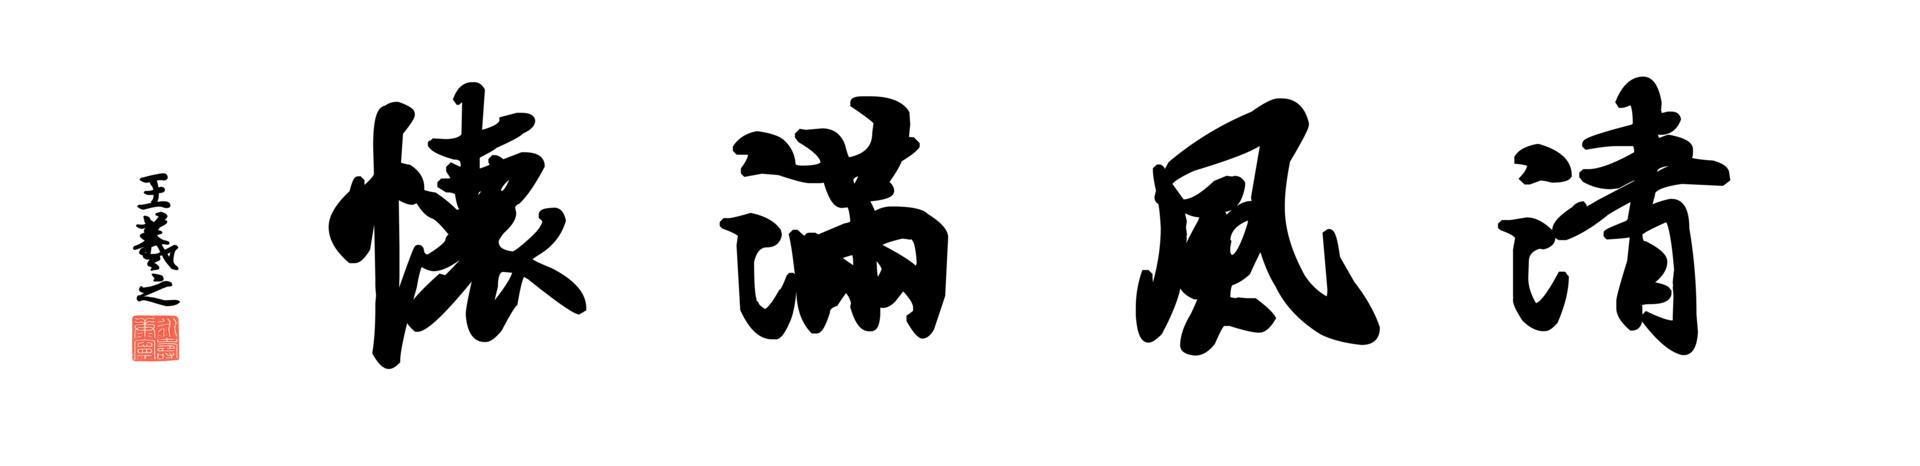 0137_王羲之兰亭体数字书法-四字横幅清风满怀136x33cm_21417x5197PX_TIF_400DPI_326_0